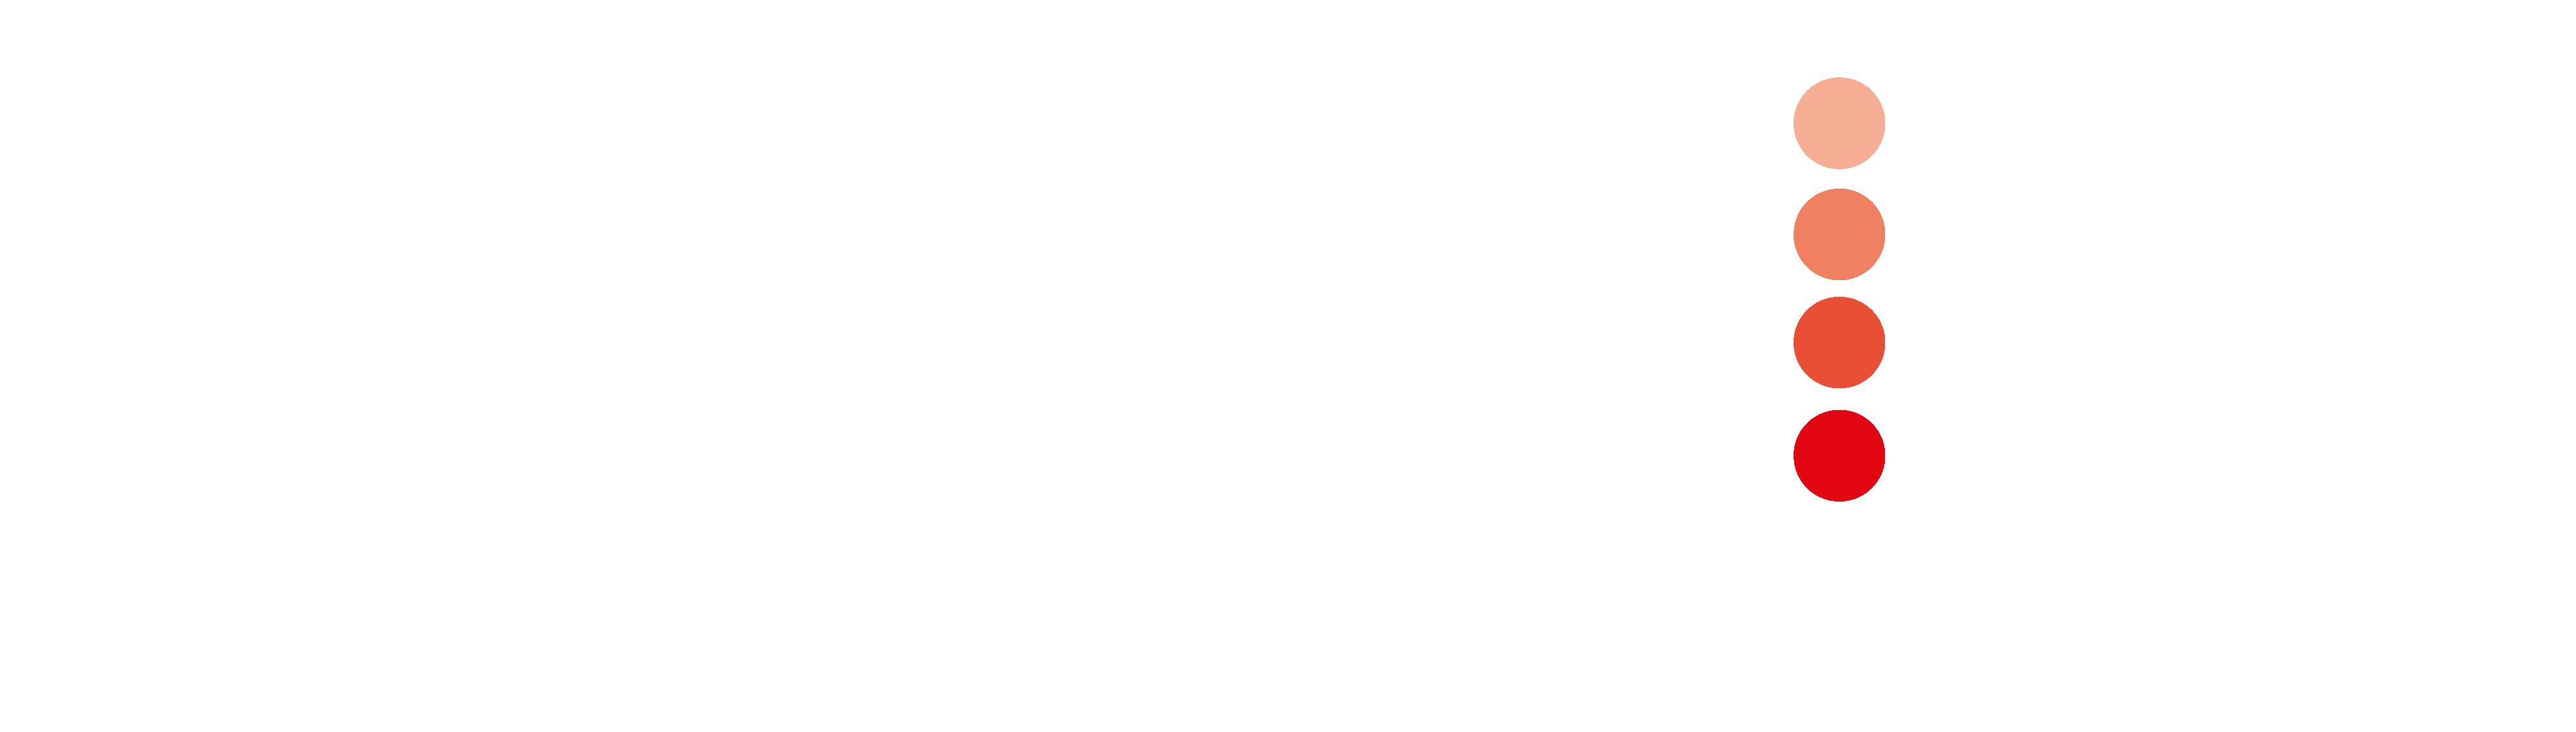 LEDWise